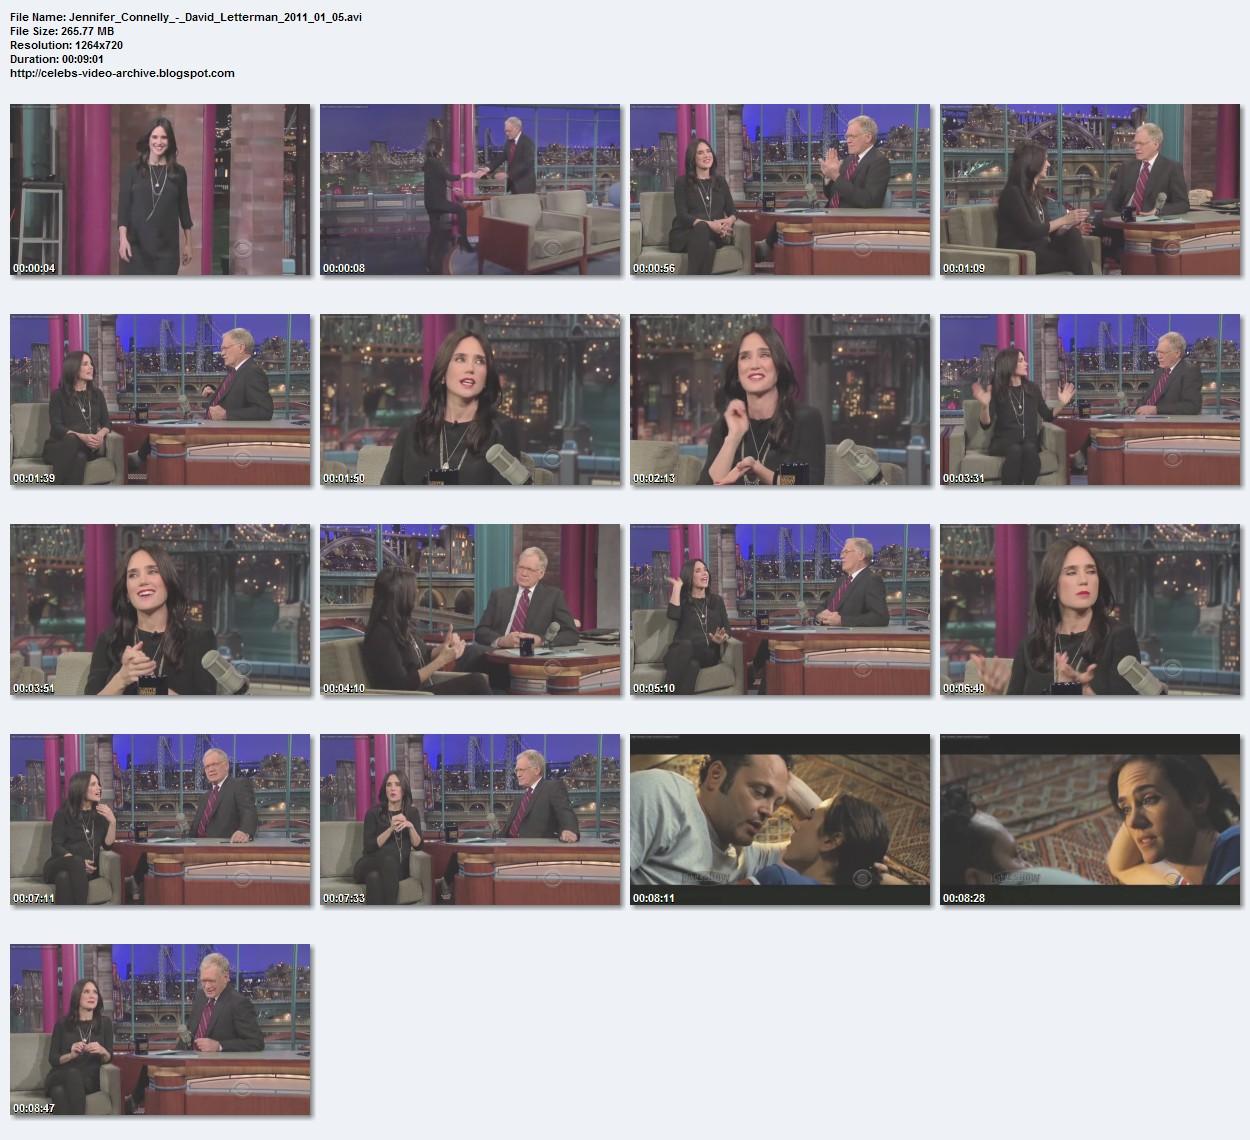 http://4.bp.blogspot.com/_XZtbXfzGwsI/TS9lLECQX-I/AAAAAAAAAZw/tR9LFzCjshc/s1600/Jennifer_Connelly_-_David_Letterman_2011_01_05.jpg